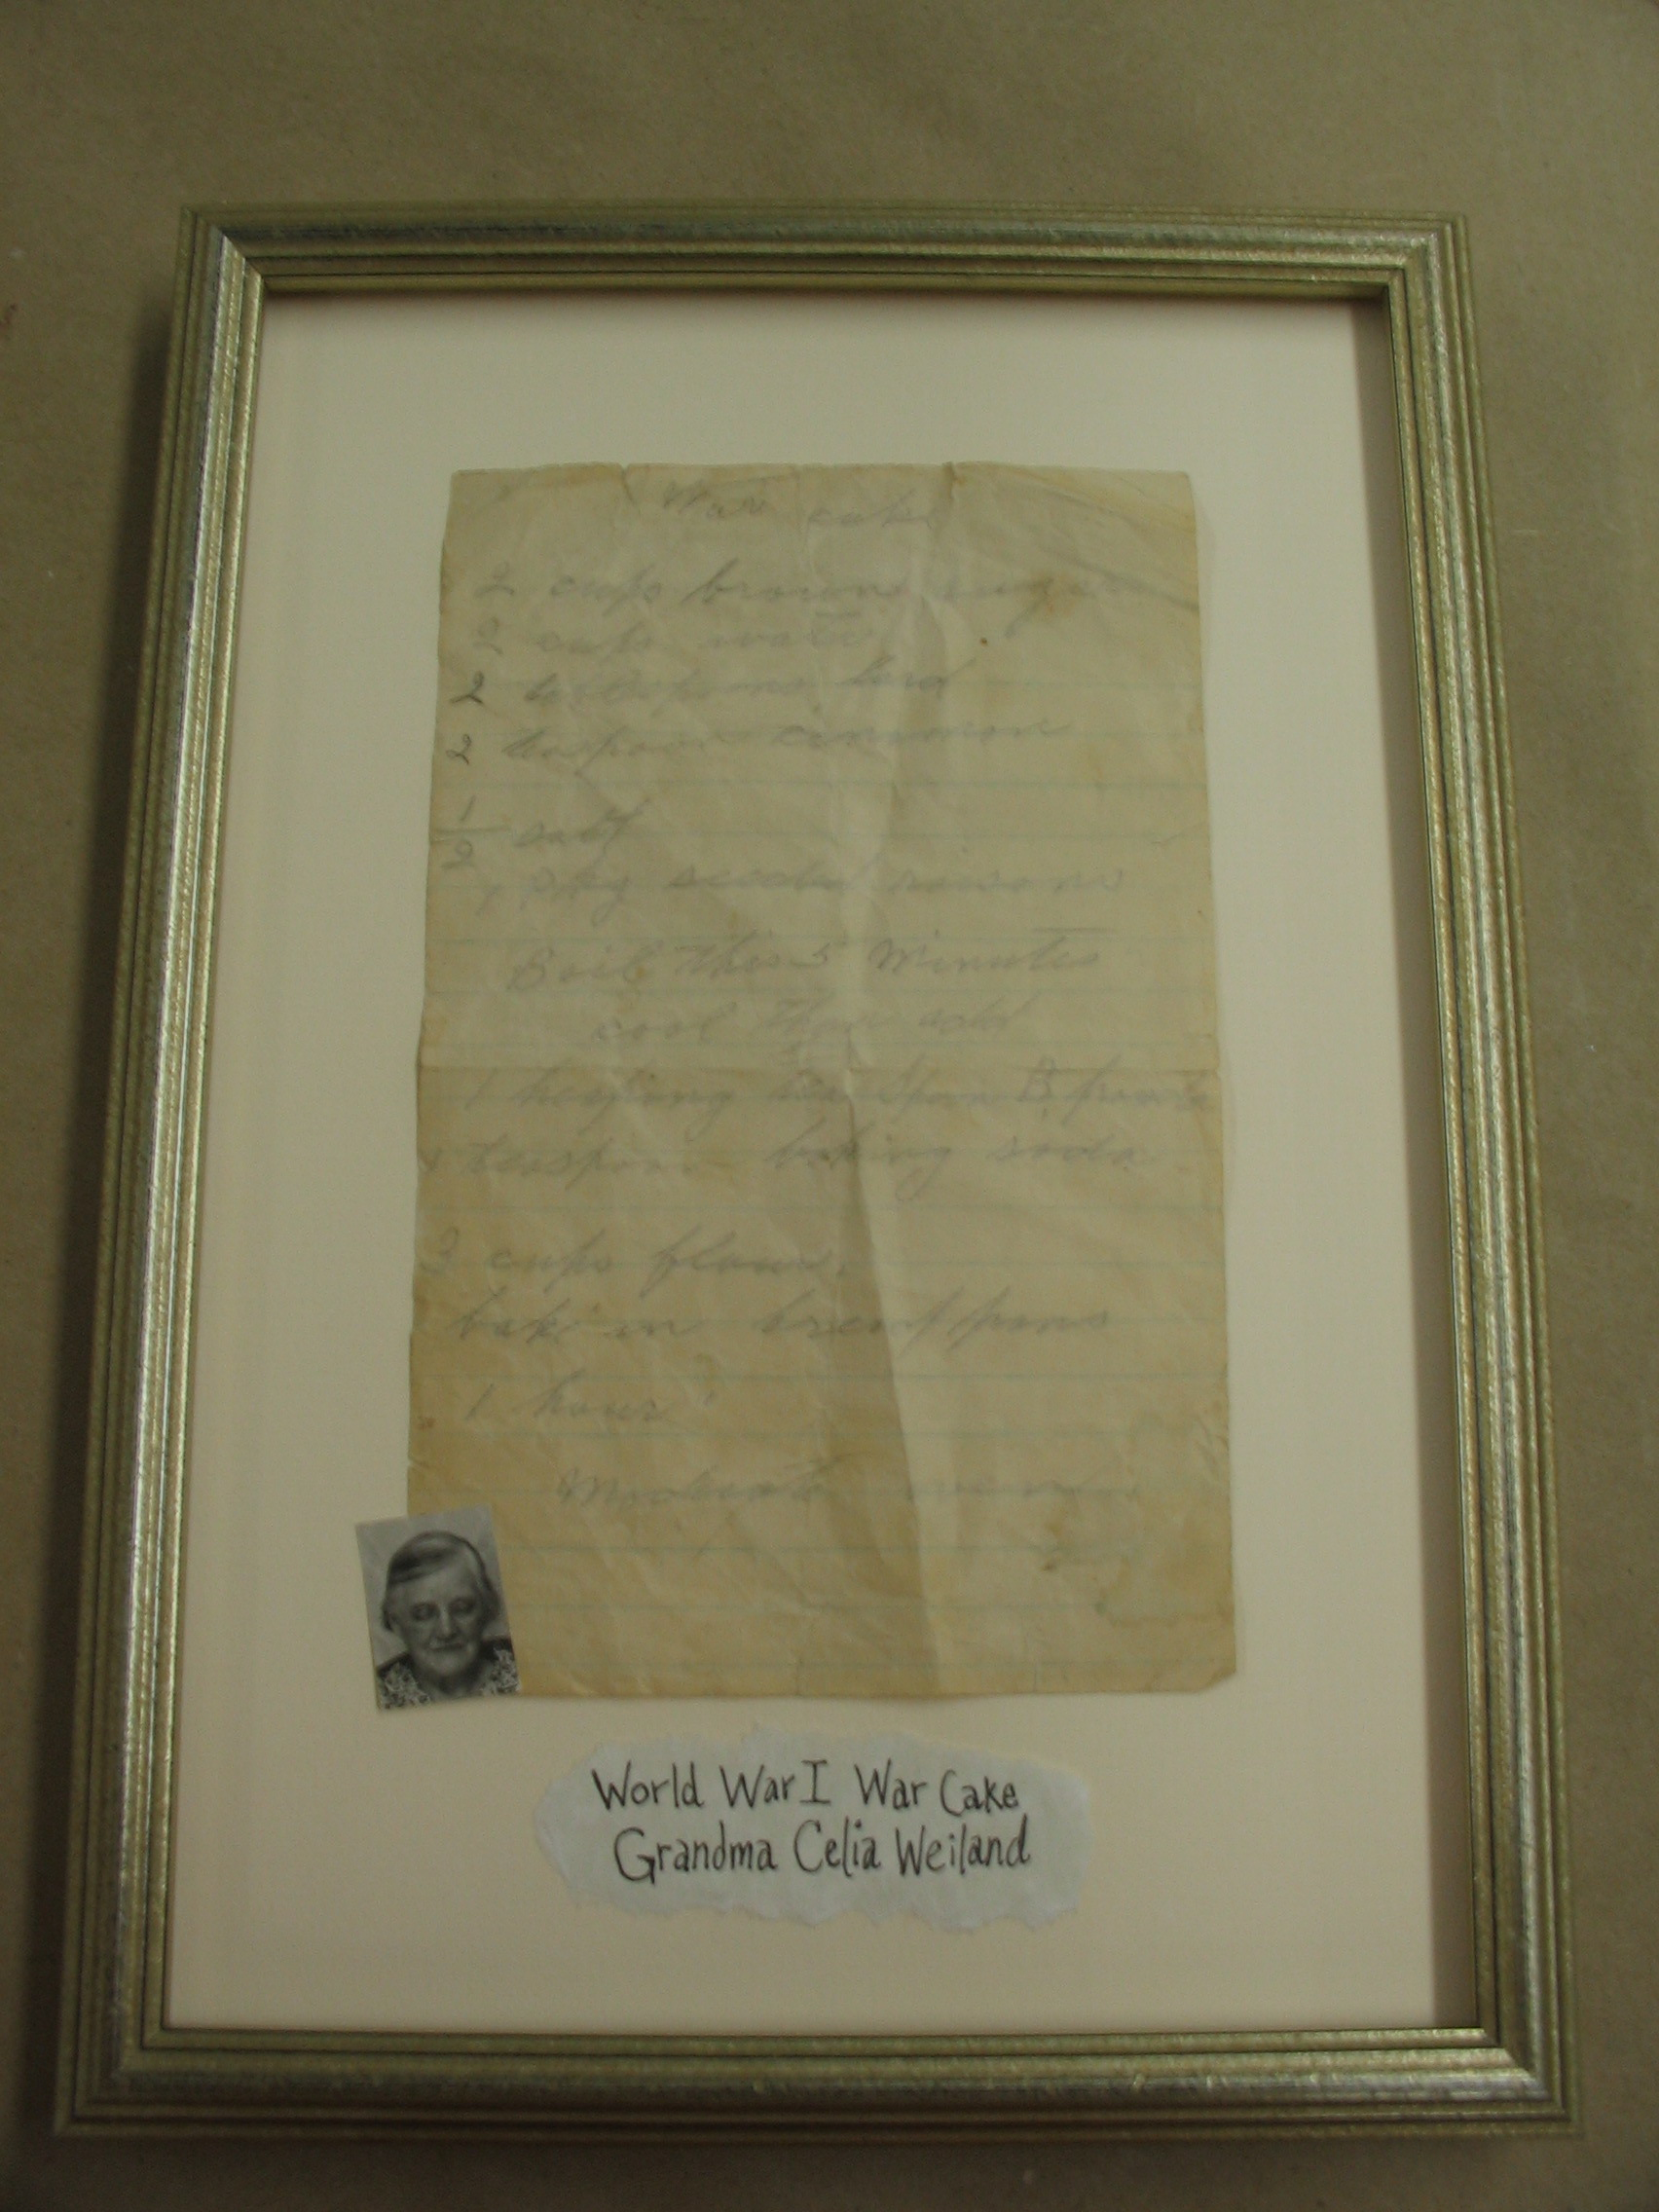 World War I framed image